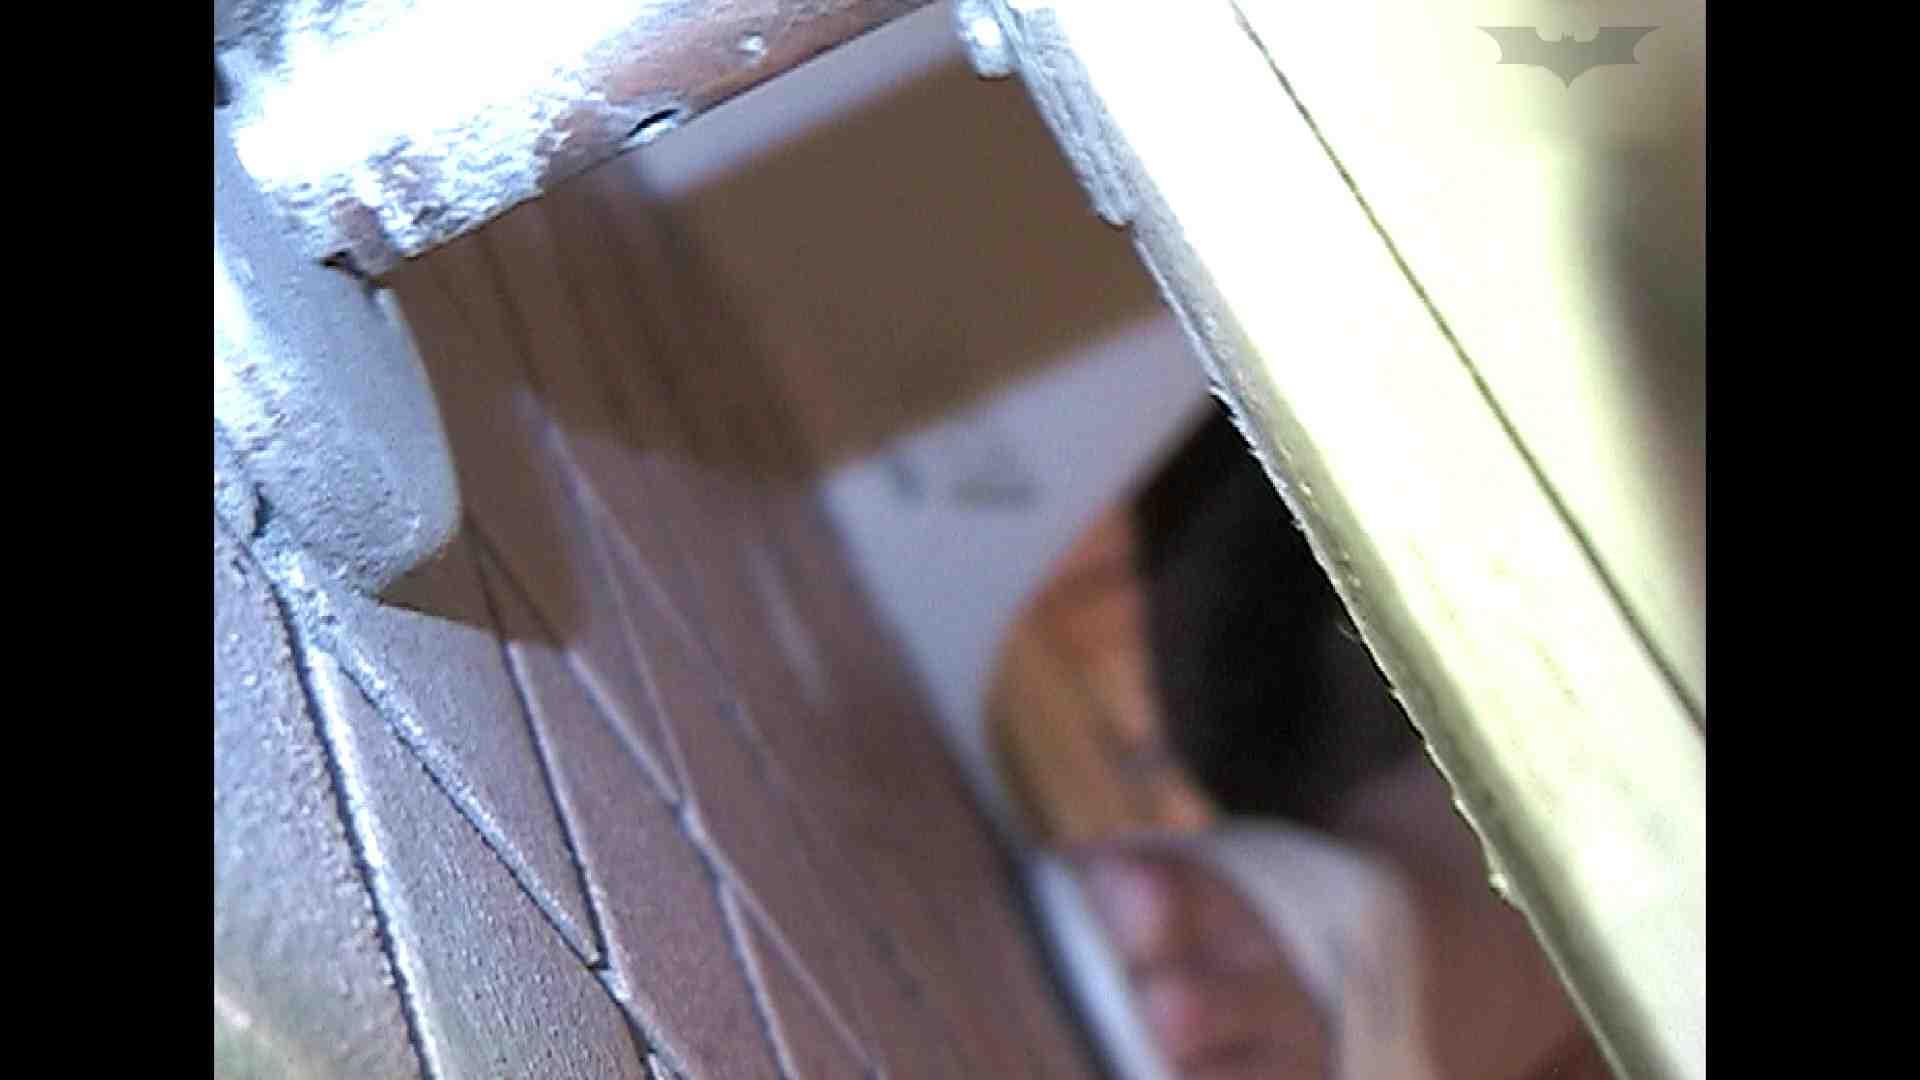 ピカ満グロ満KAWAYA物語 期間限定神キタ!ツルピカの放nyo!Vol.22 マンコ われめAV動画紹介 95画像 11